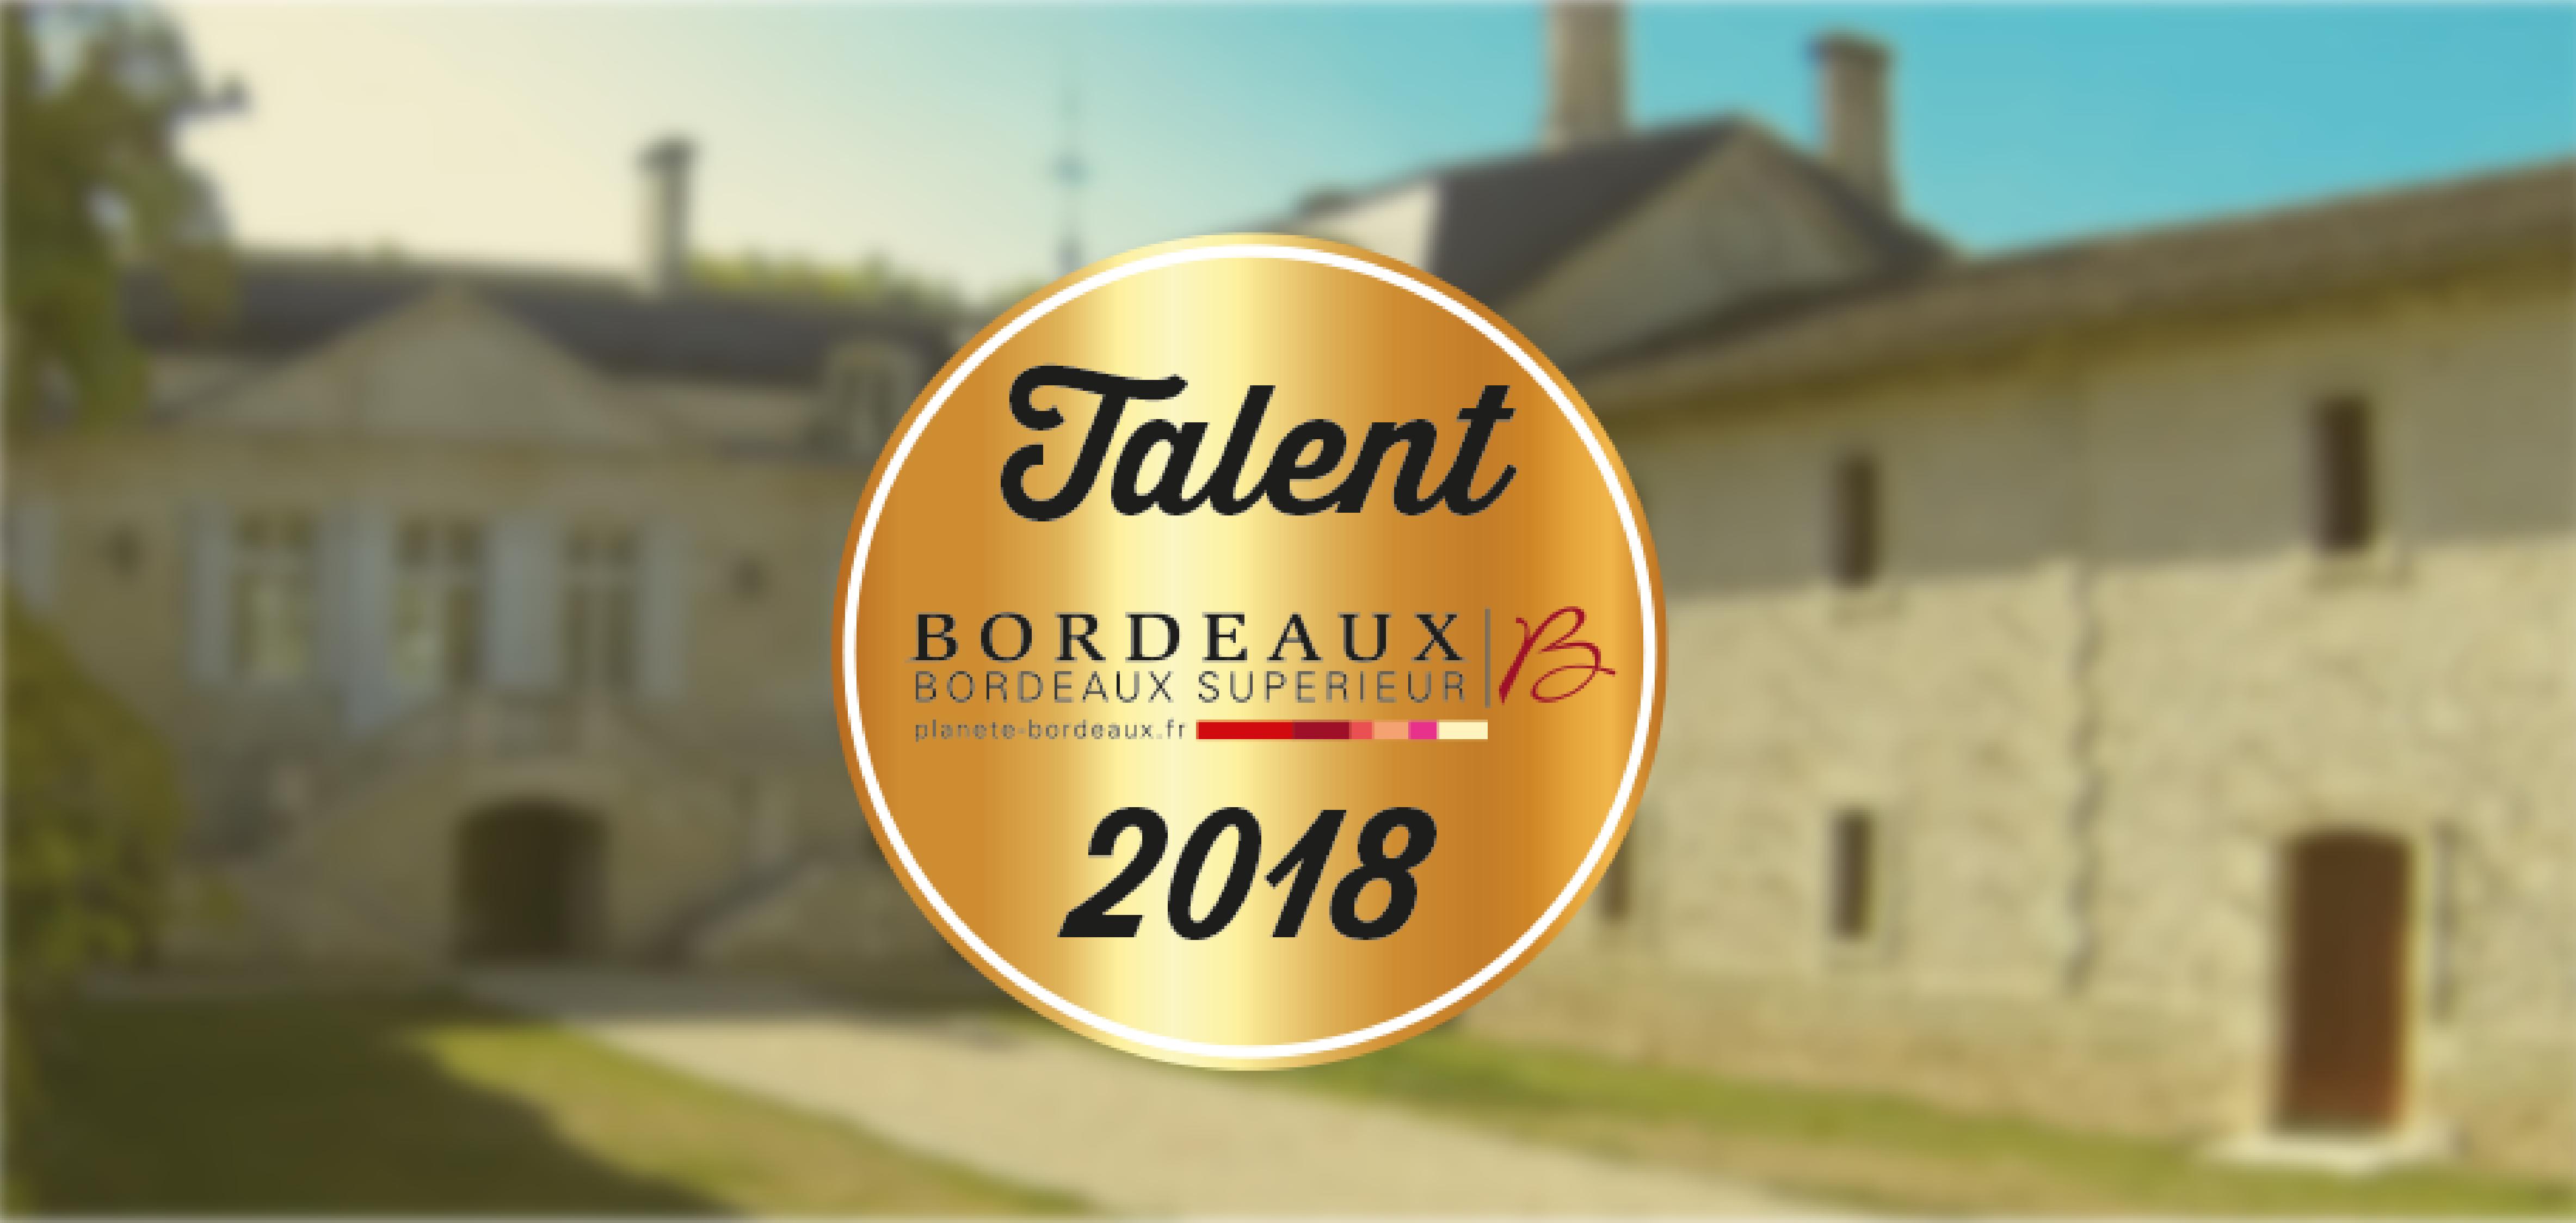 actualiées recompense talent 2018 château sainte barbe ambes bordeaux